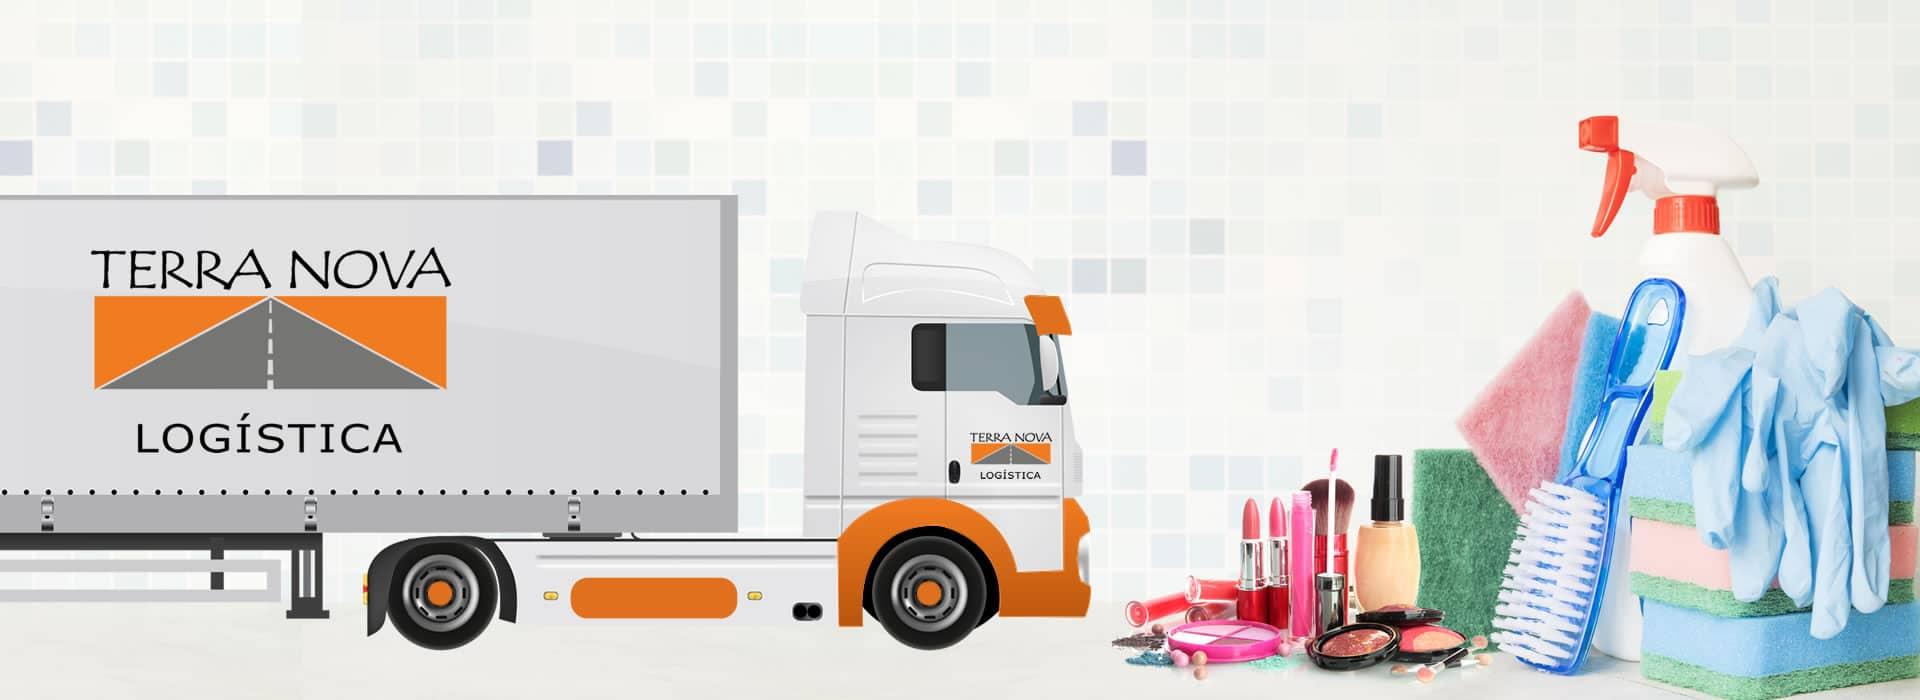 transporte de cosméticos correlatos e saneantes